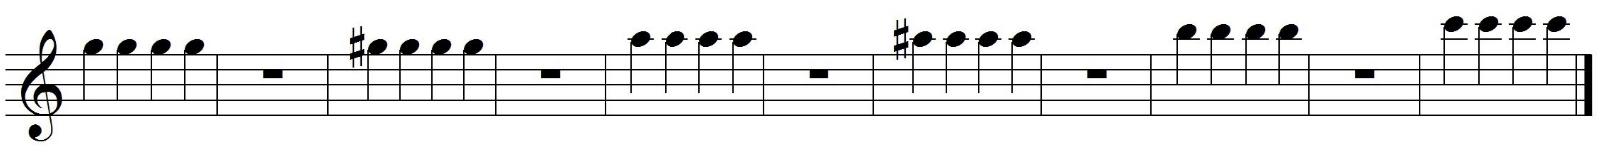 Clarinet Undertones 3